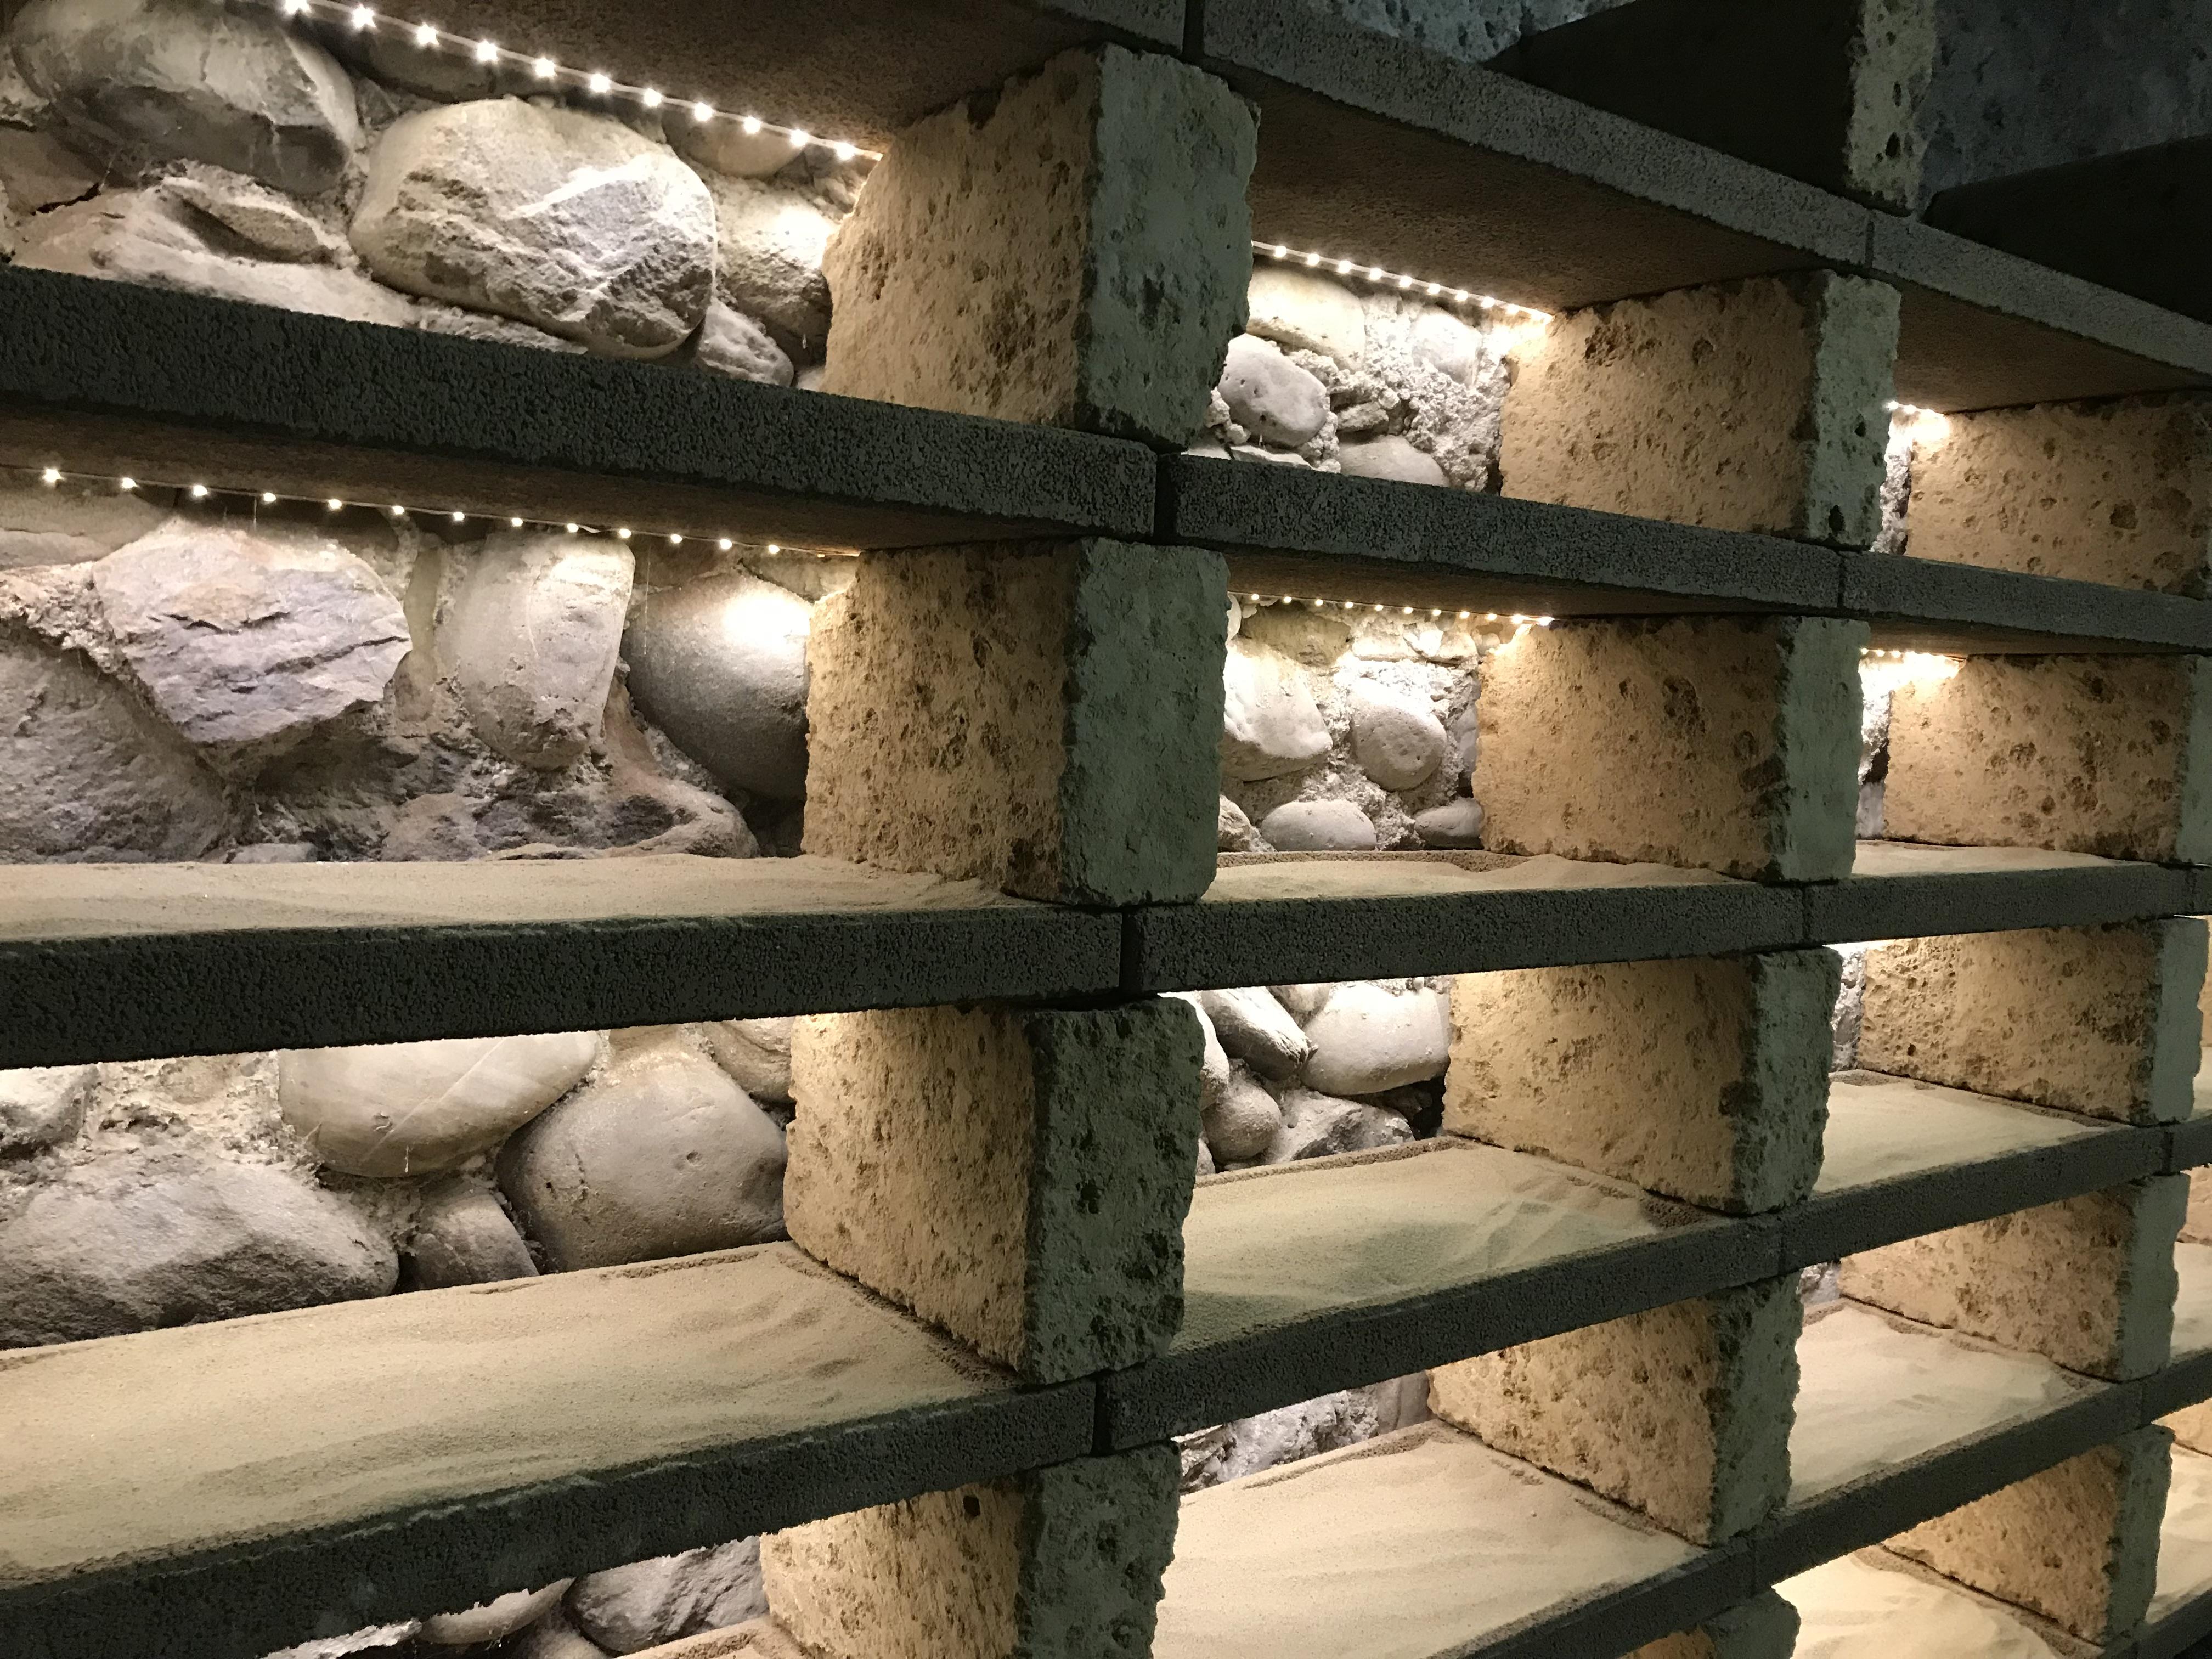 Fabriquer Casier À Bouteilles En Bois casier à bouteilles en pierre | cave à vin.ch